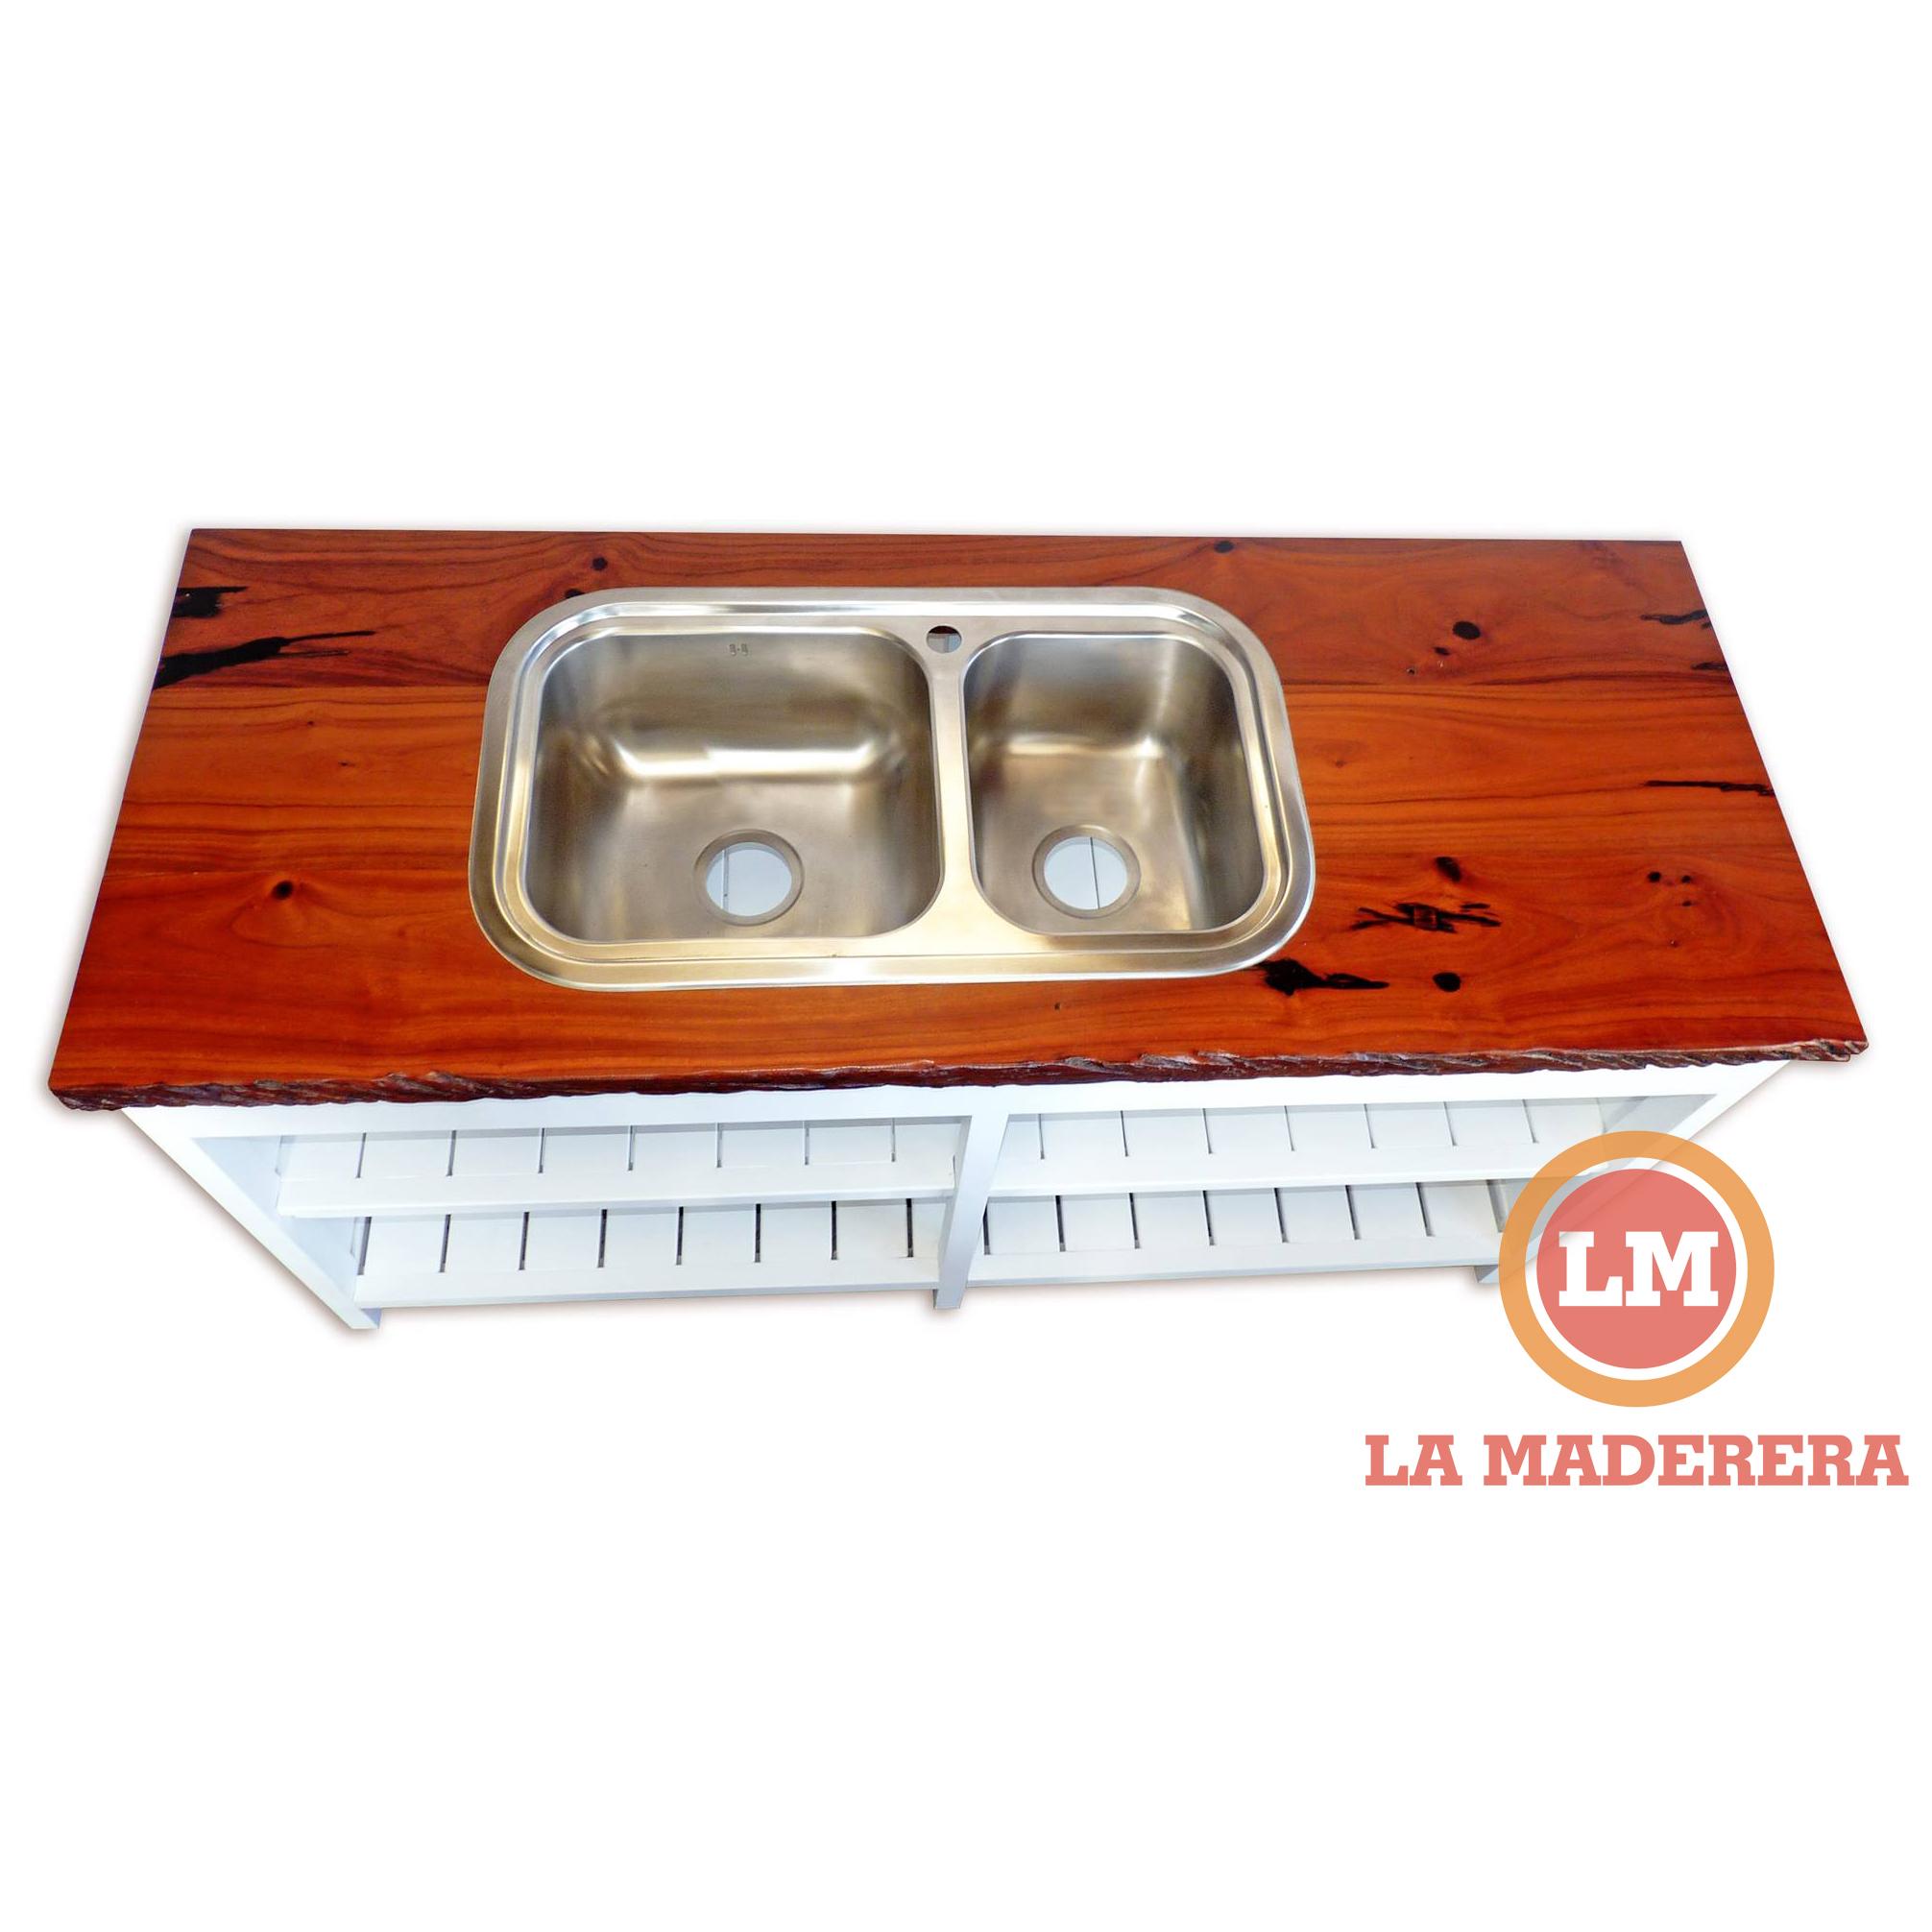 Bajo mesada y cajonera en madera semi dura mesada en for Mesada de madera para cocina